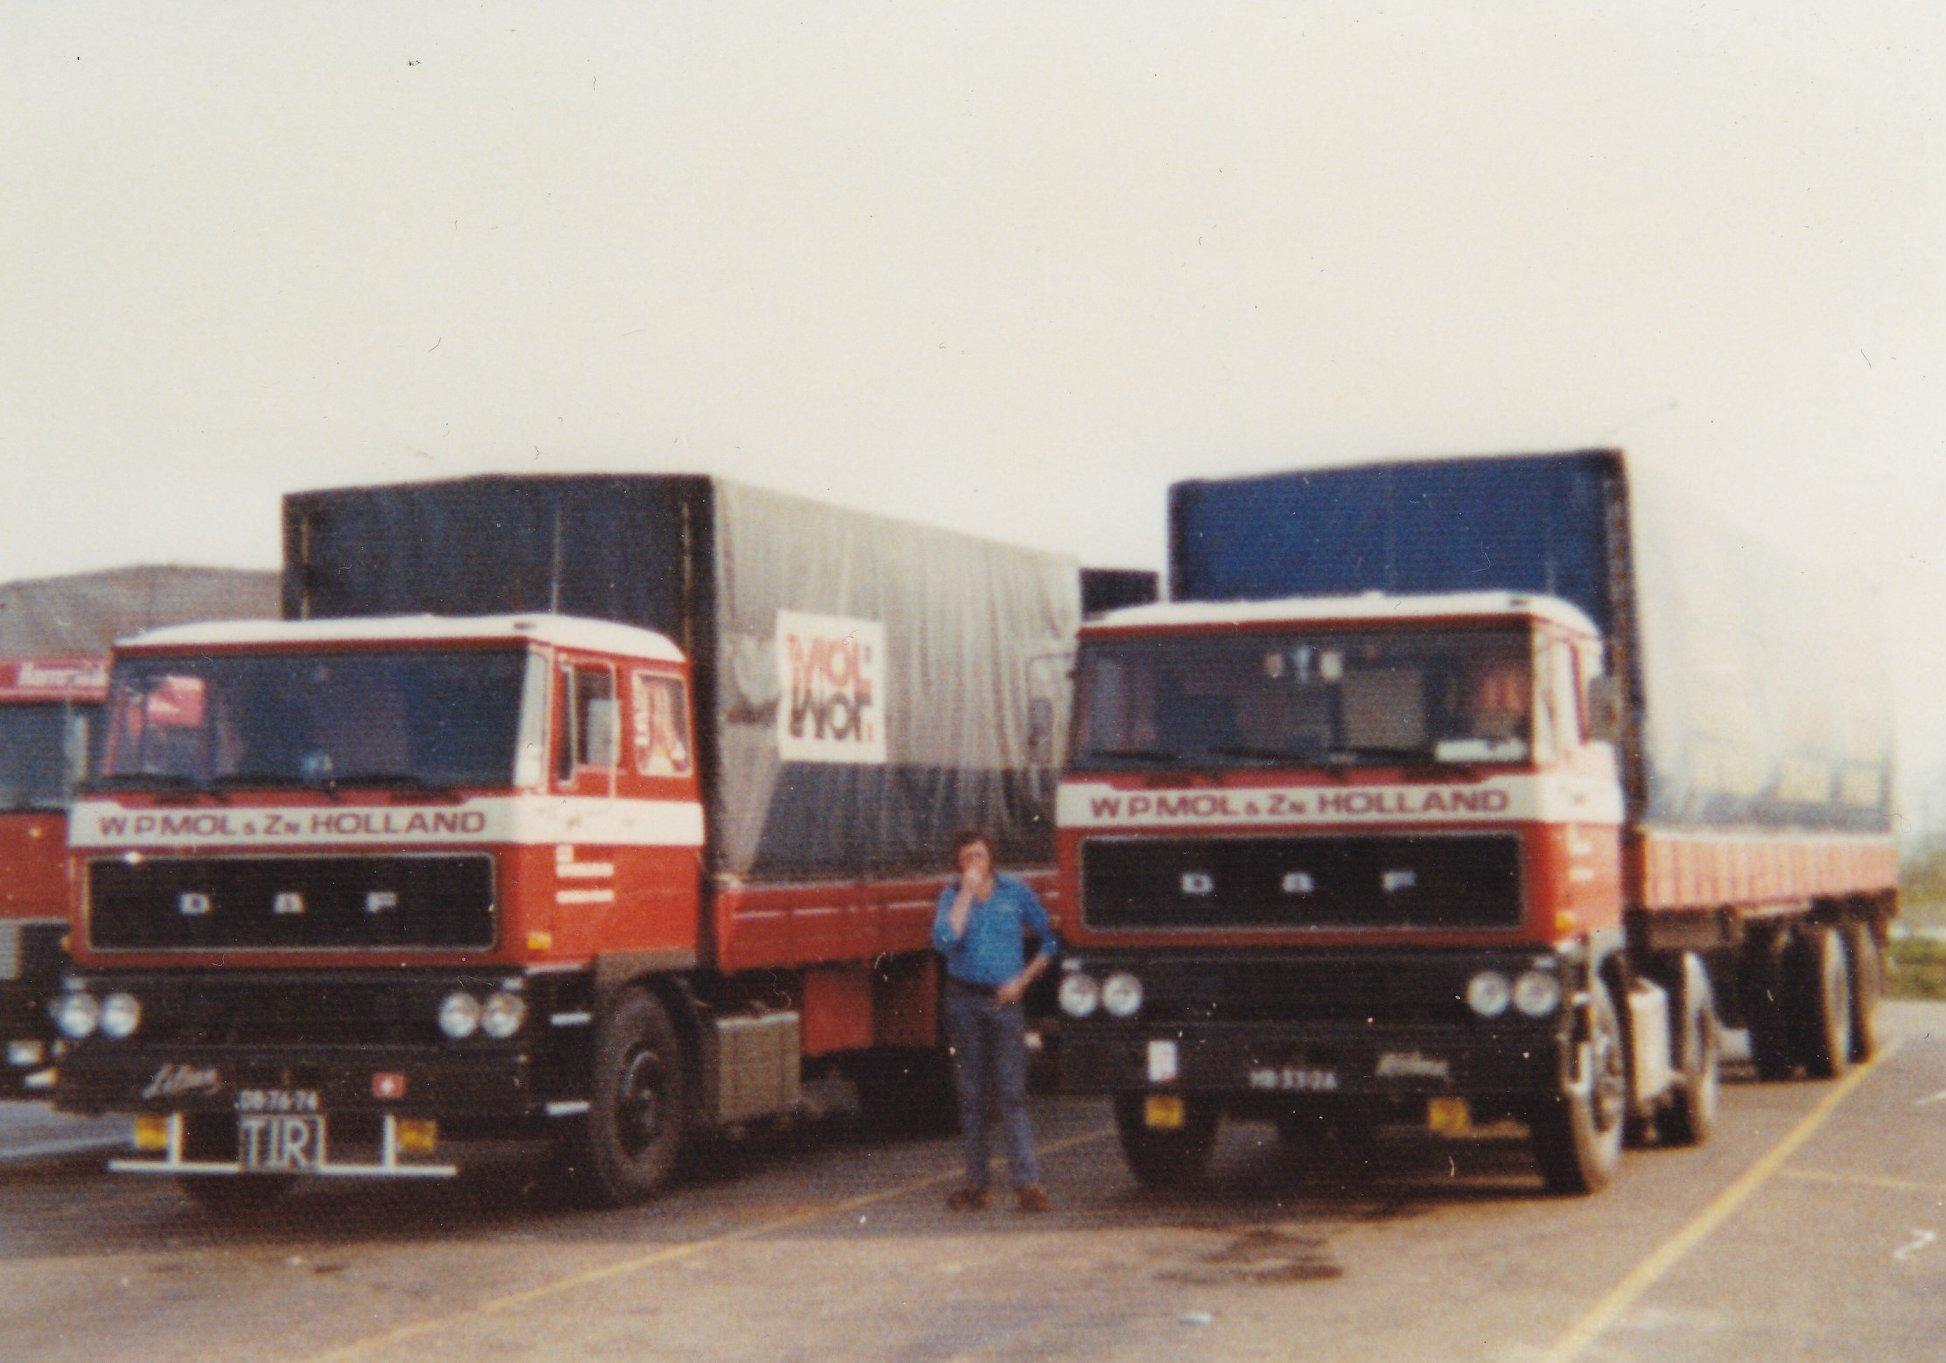 2x-DAF-2800-links-de-DB-76-74-en-rechts-de-HB-33-76--ad-van-der-Mierden-foto